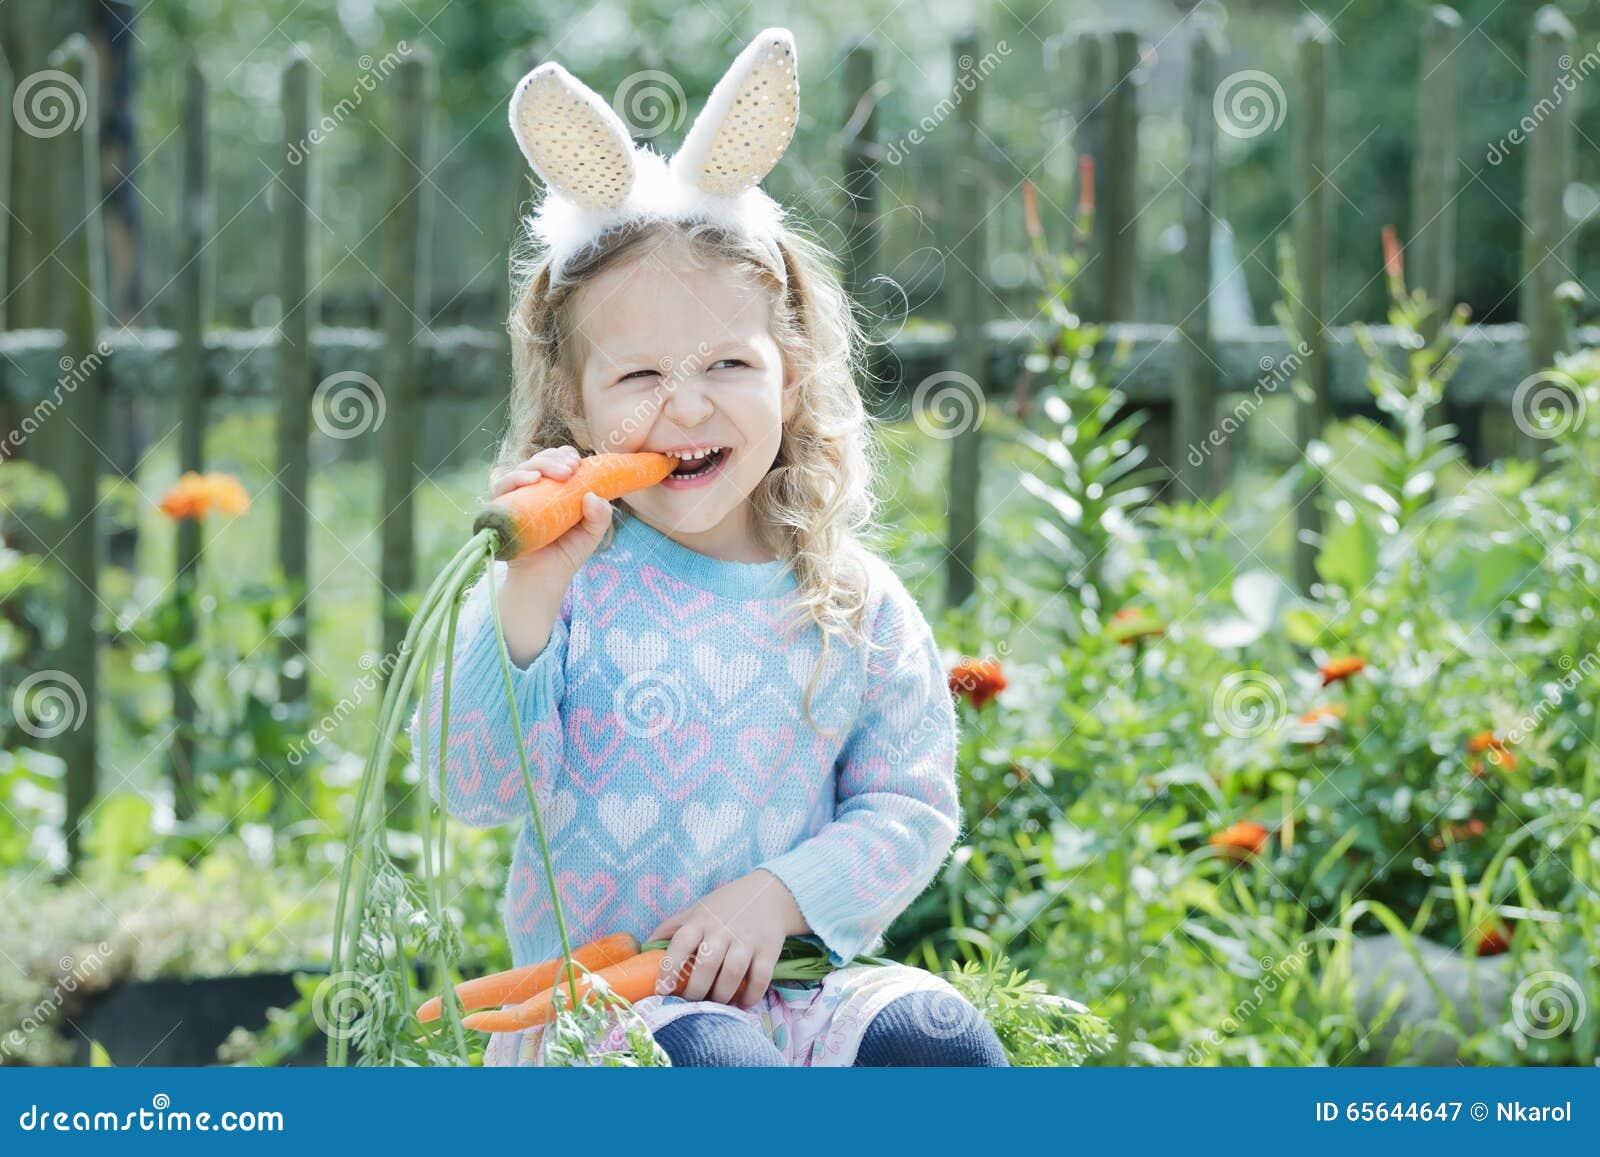 Petite fille blonde utilisant les oreilles drôles de lapin de DIY rongeant la carotte fraîche